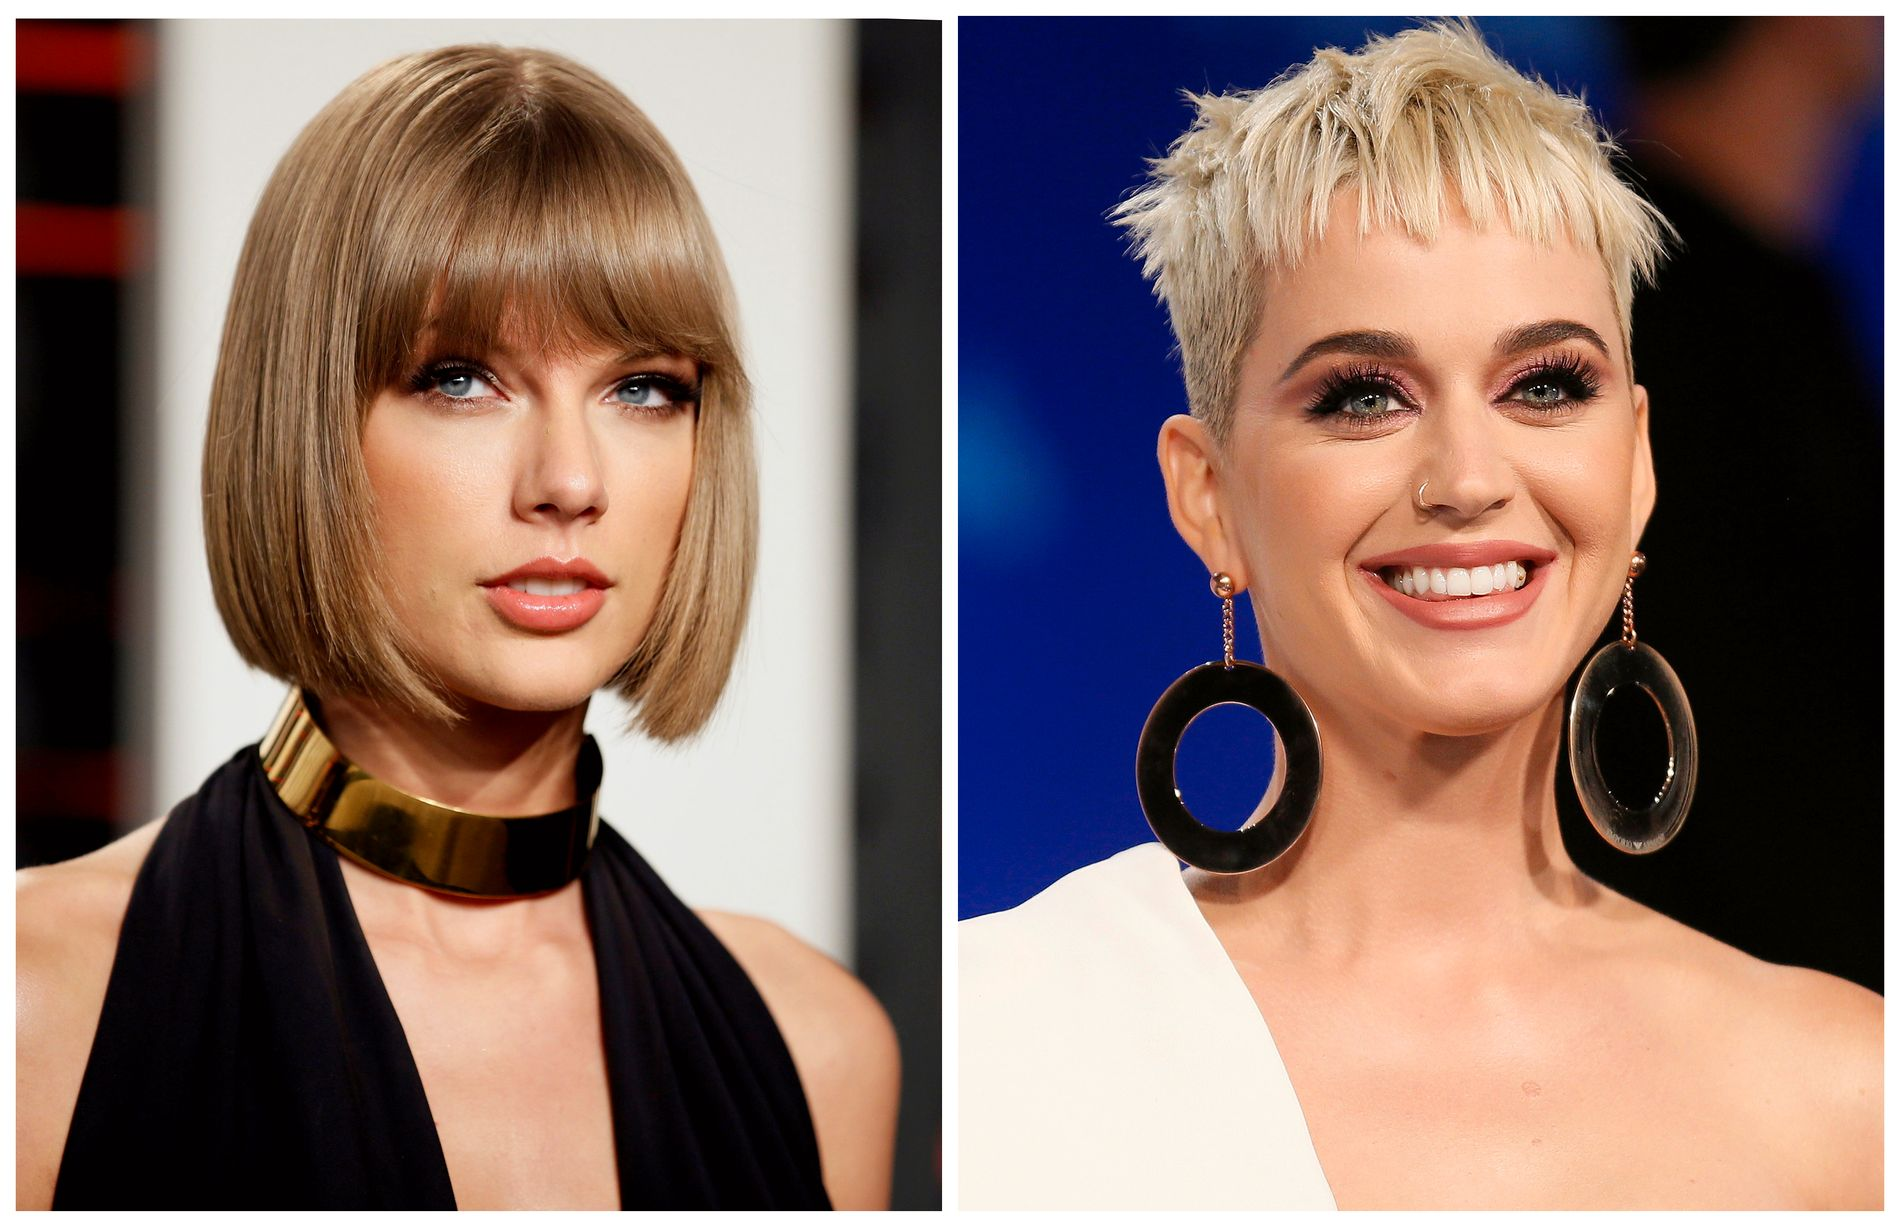 VENNER IGJEN?: Etter en seks år lang krangel har Katy Perry skrevet brev til Taylor Swift.